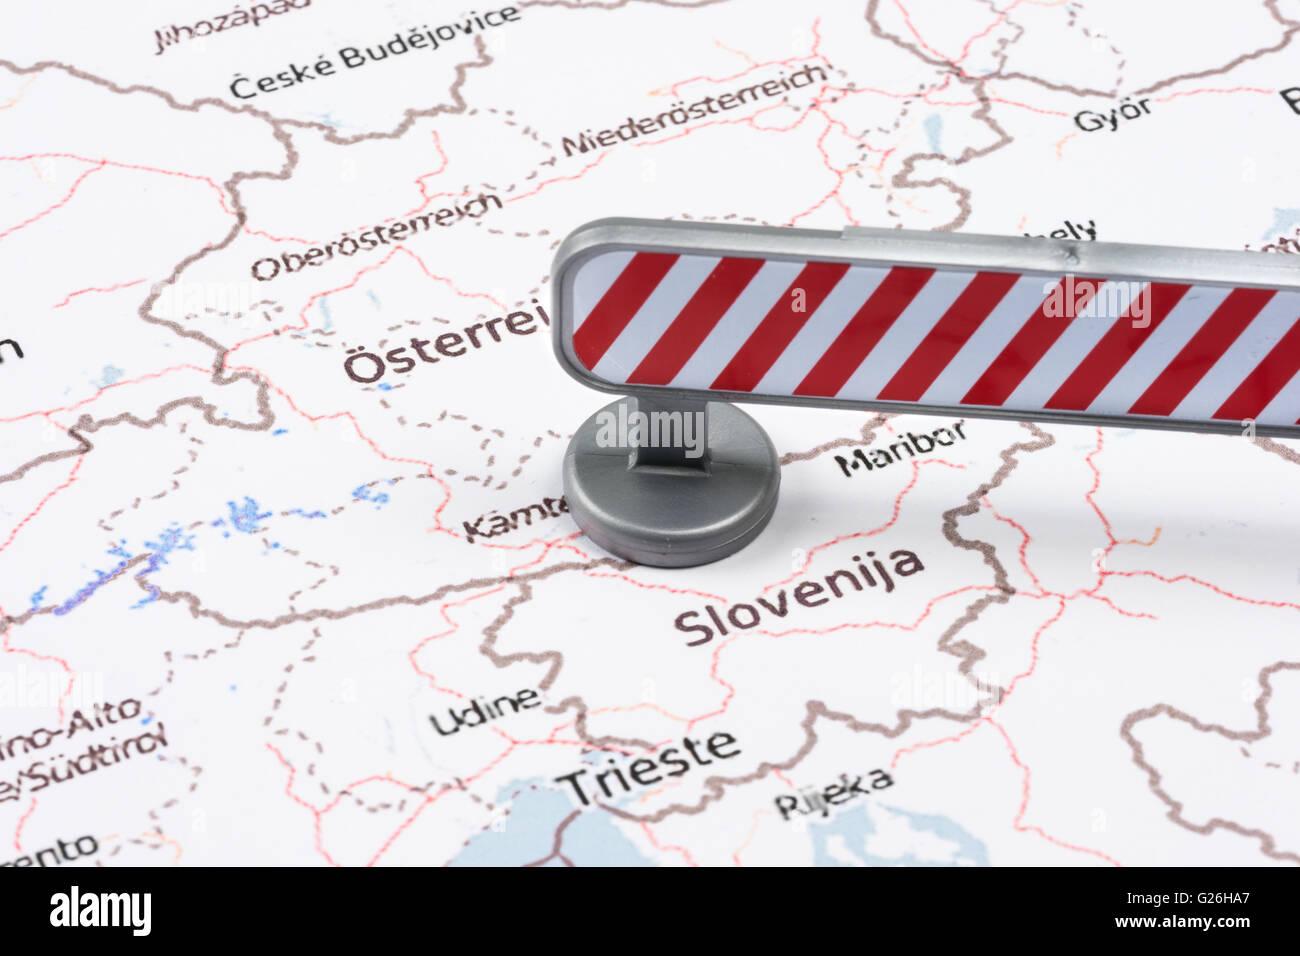 Crise de migrants de l'UE à la frontière slovène autrichienne blocus rouge Photo Stock